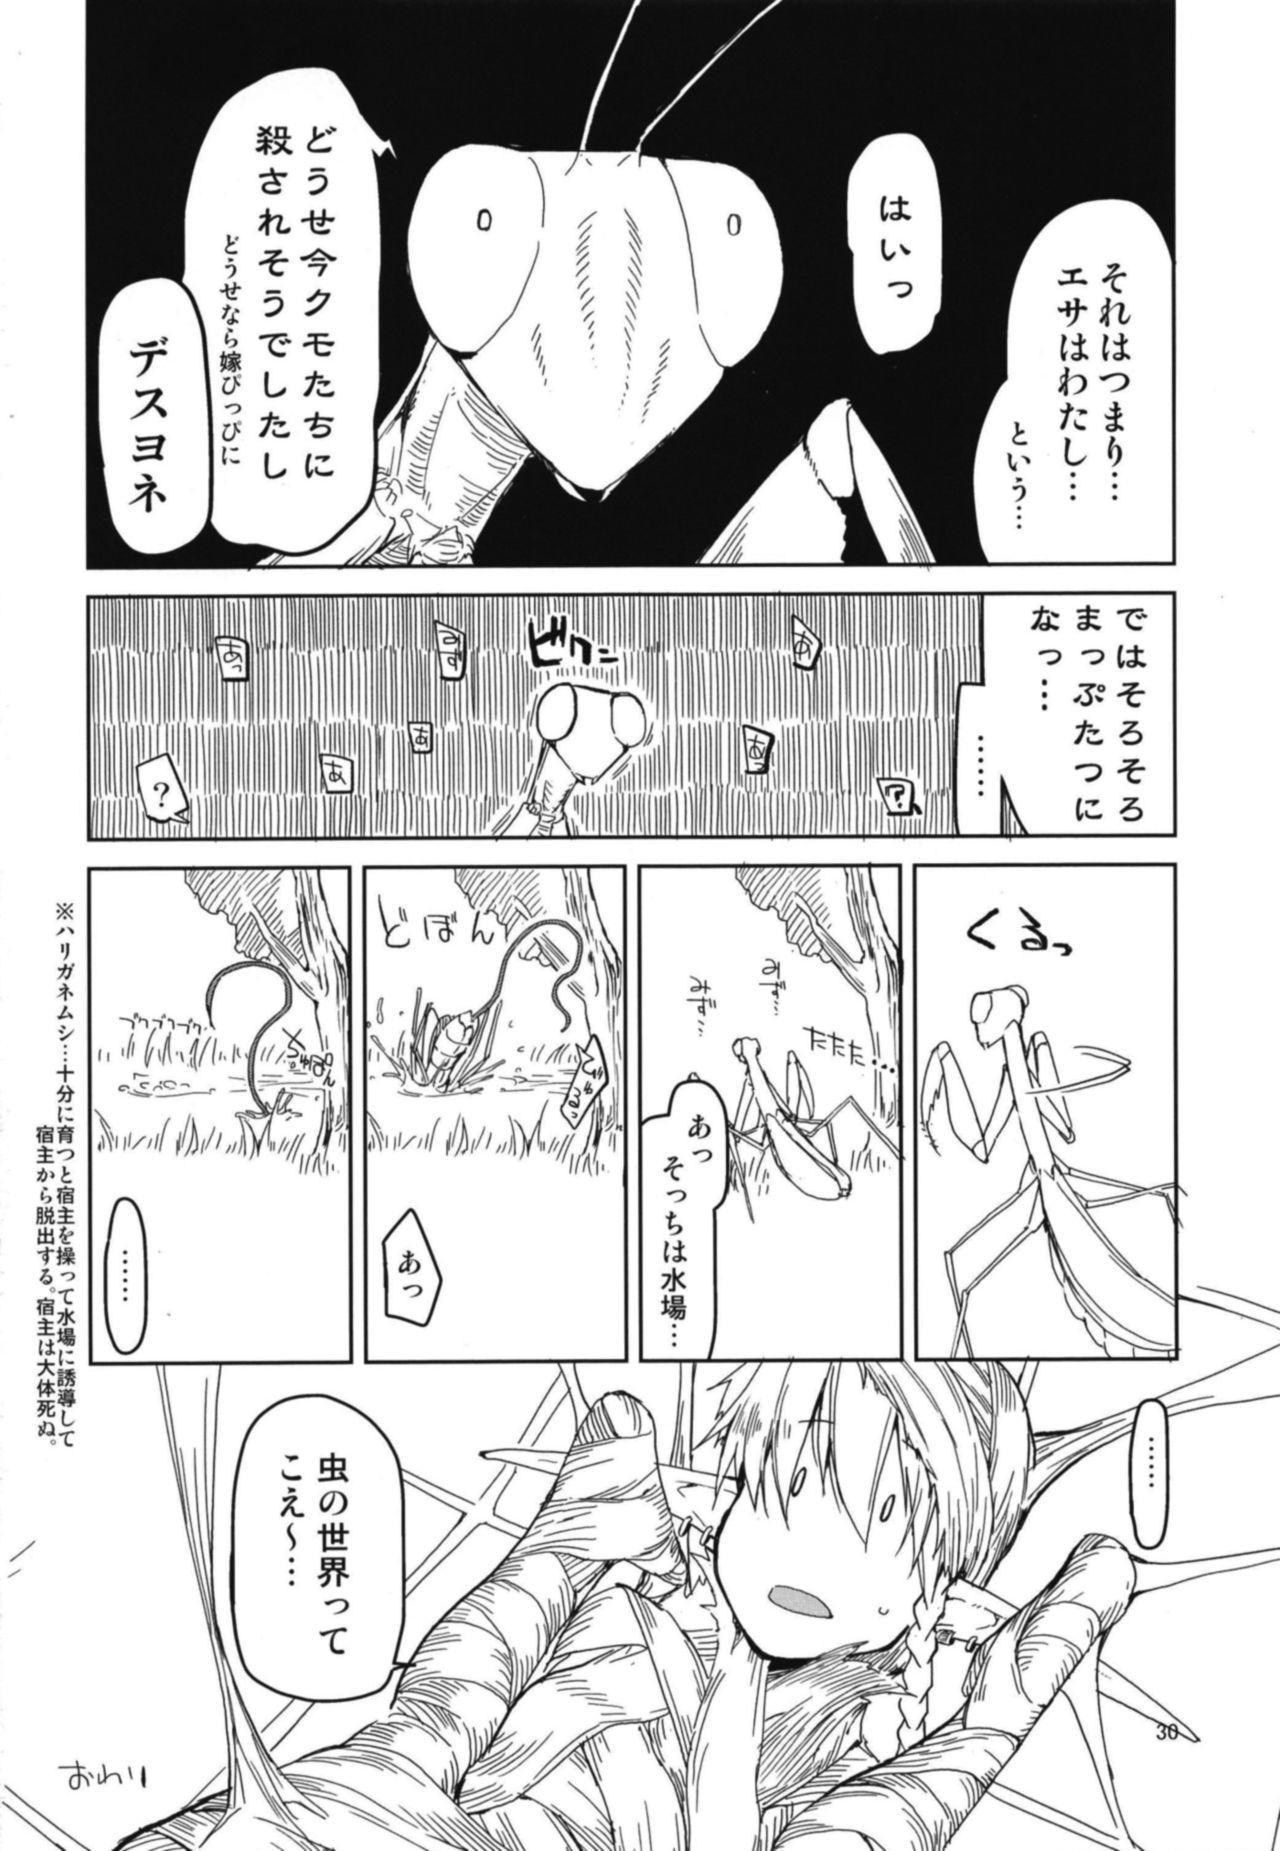 Dosukebe Elf no Ishukan Nikki 5 31